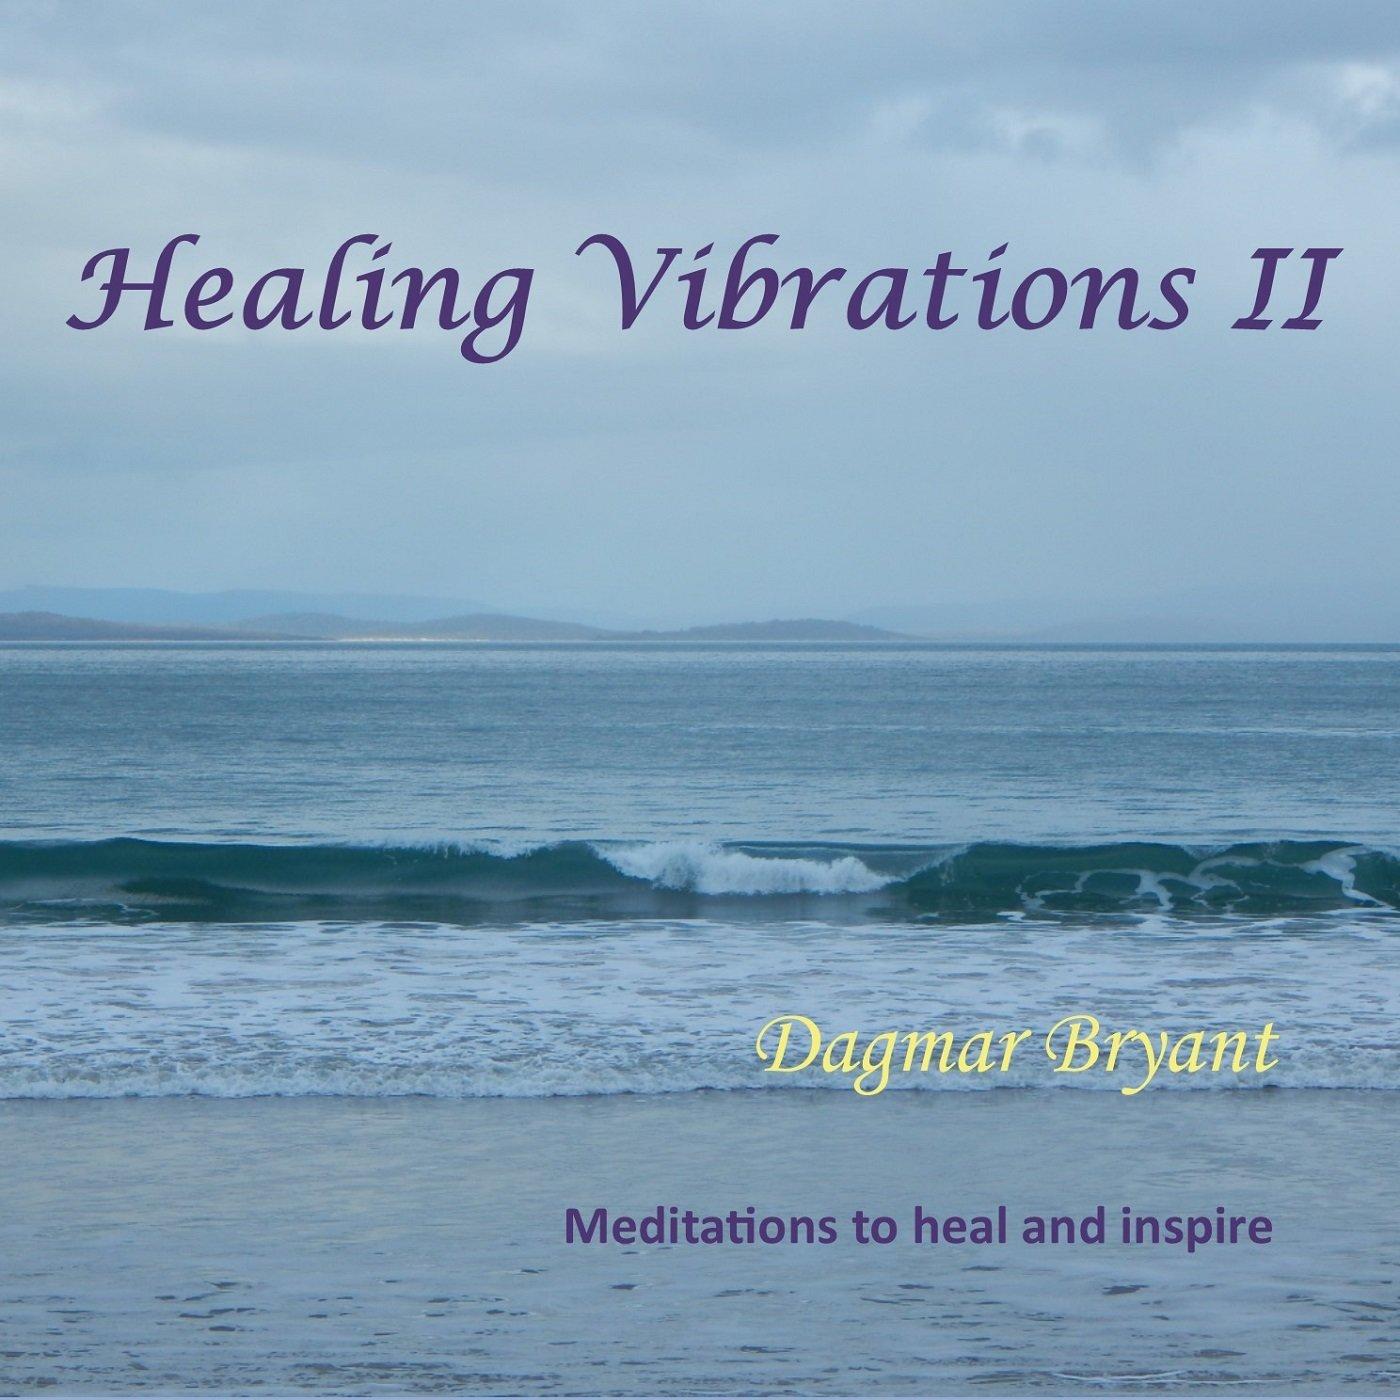 Heavenly Vibrations II - Audio CD 9319505831462